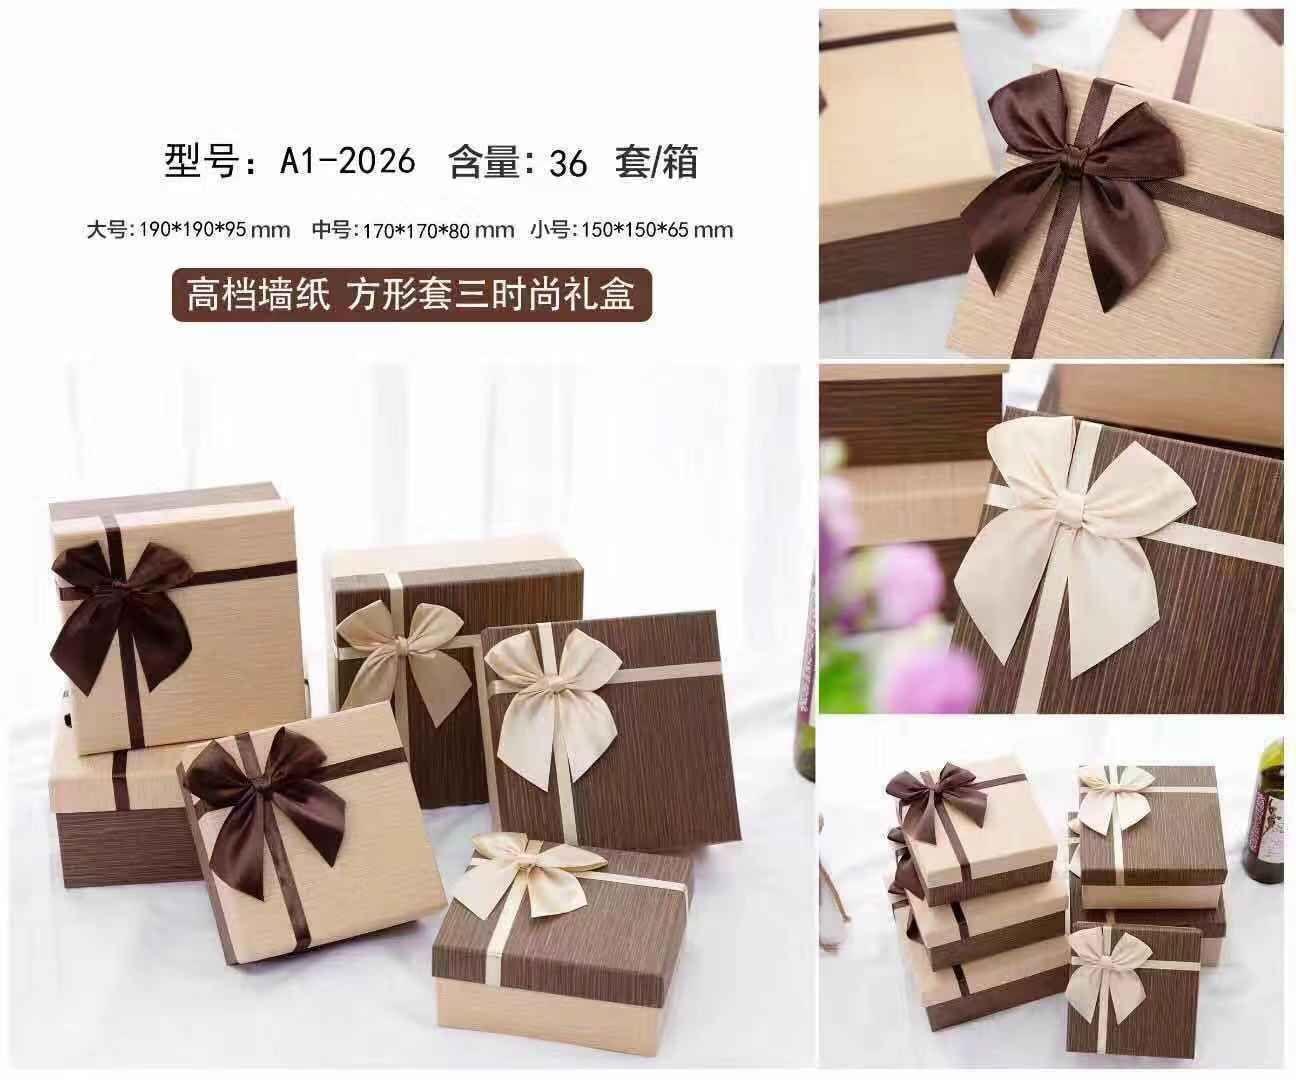 方形礼物盒高档生日香水化妆品包装盒零食礼品盒 精美鲜花盒定制